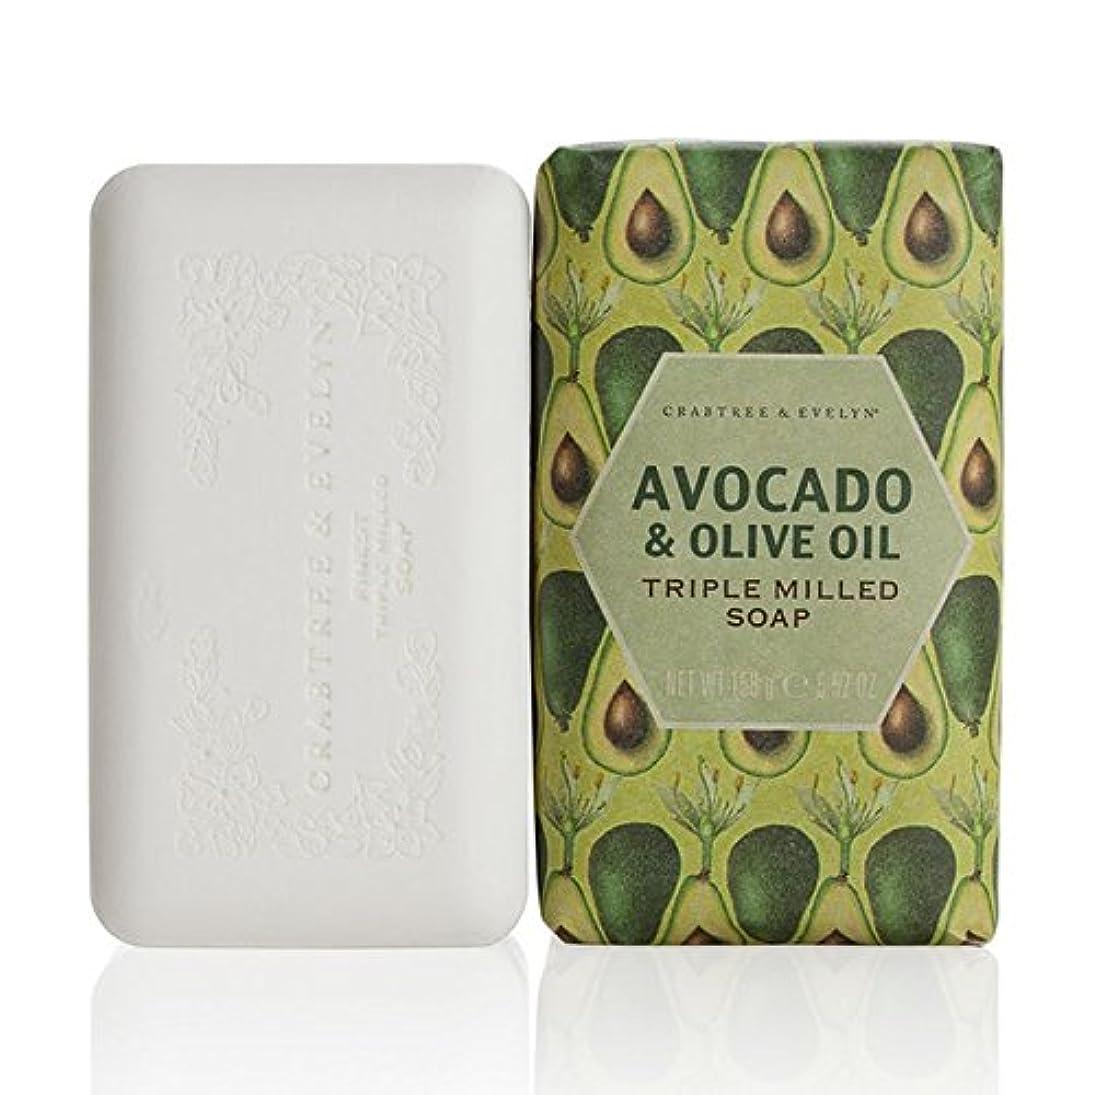 エイズ上昇脅かすクラブツリー&イヴリンアボカド&オリーブオイル粉砕された石鹸158グラム x2 - Crabtree & Evelyn Avocado & Olive Oil Milled Soap 158g (Pack of 2) [並行輸入品]